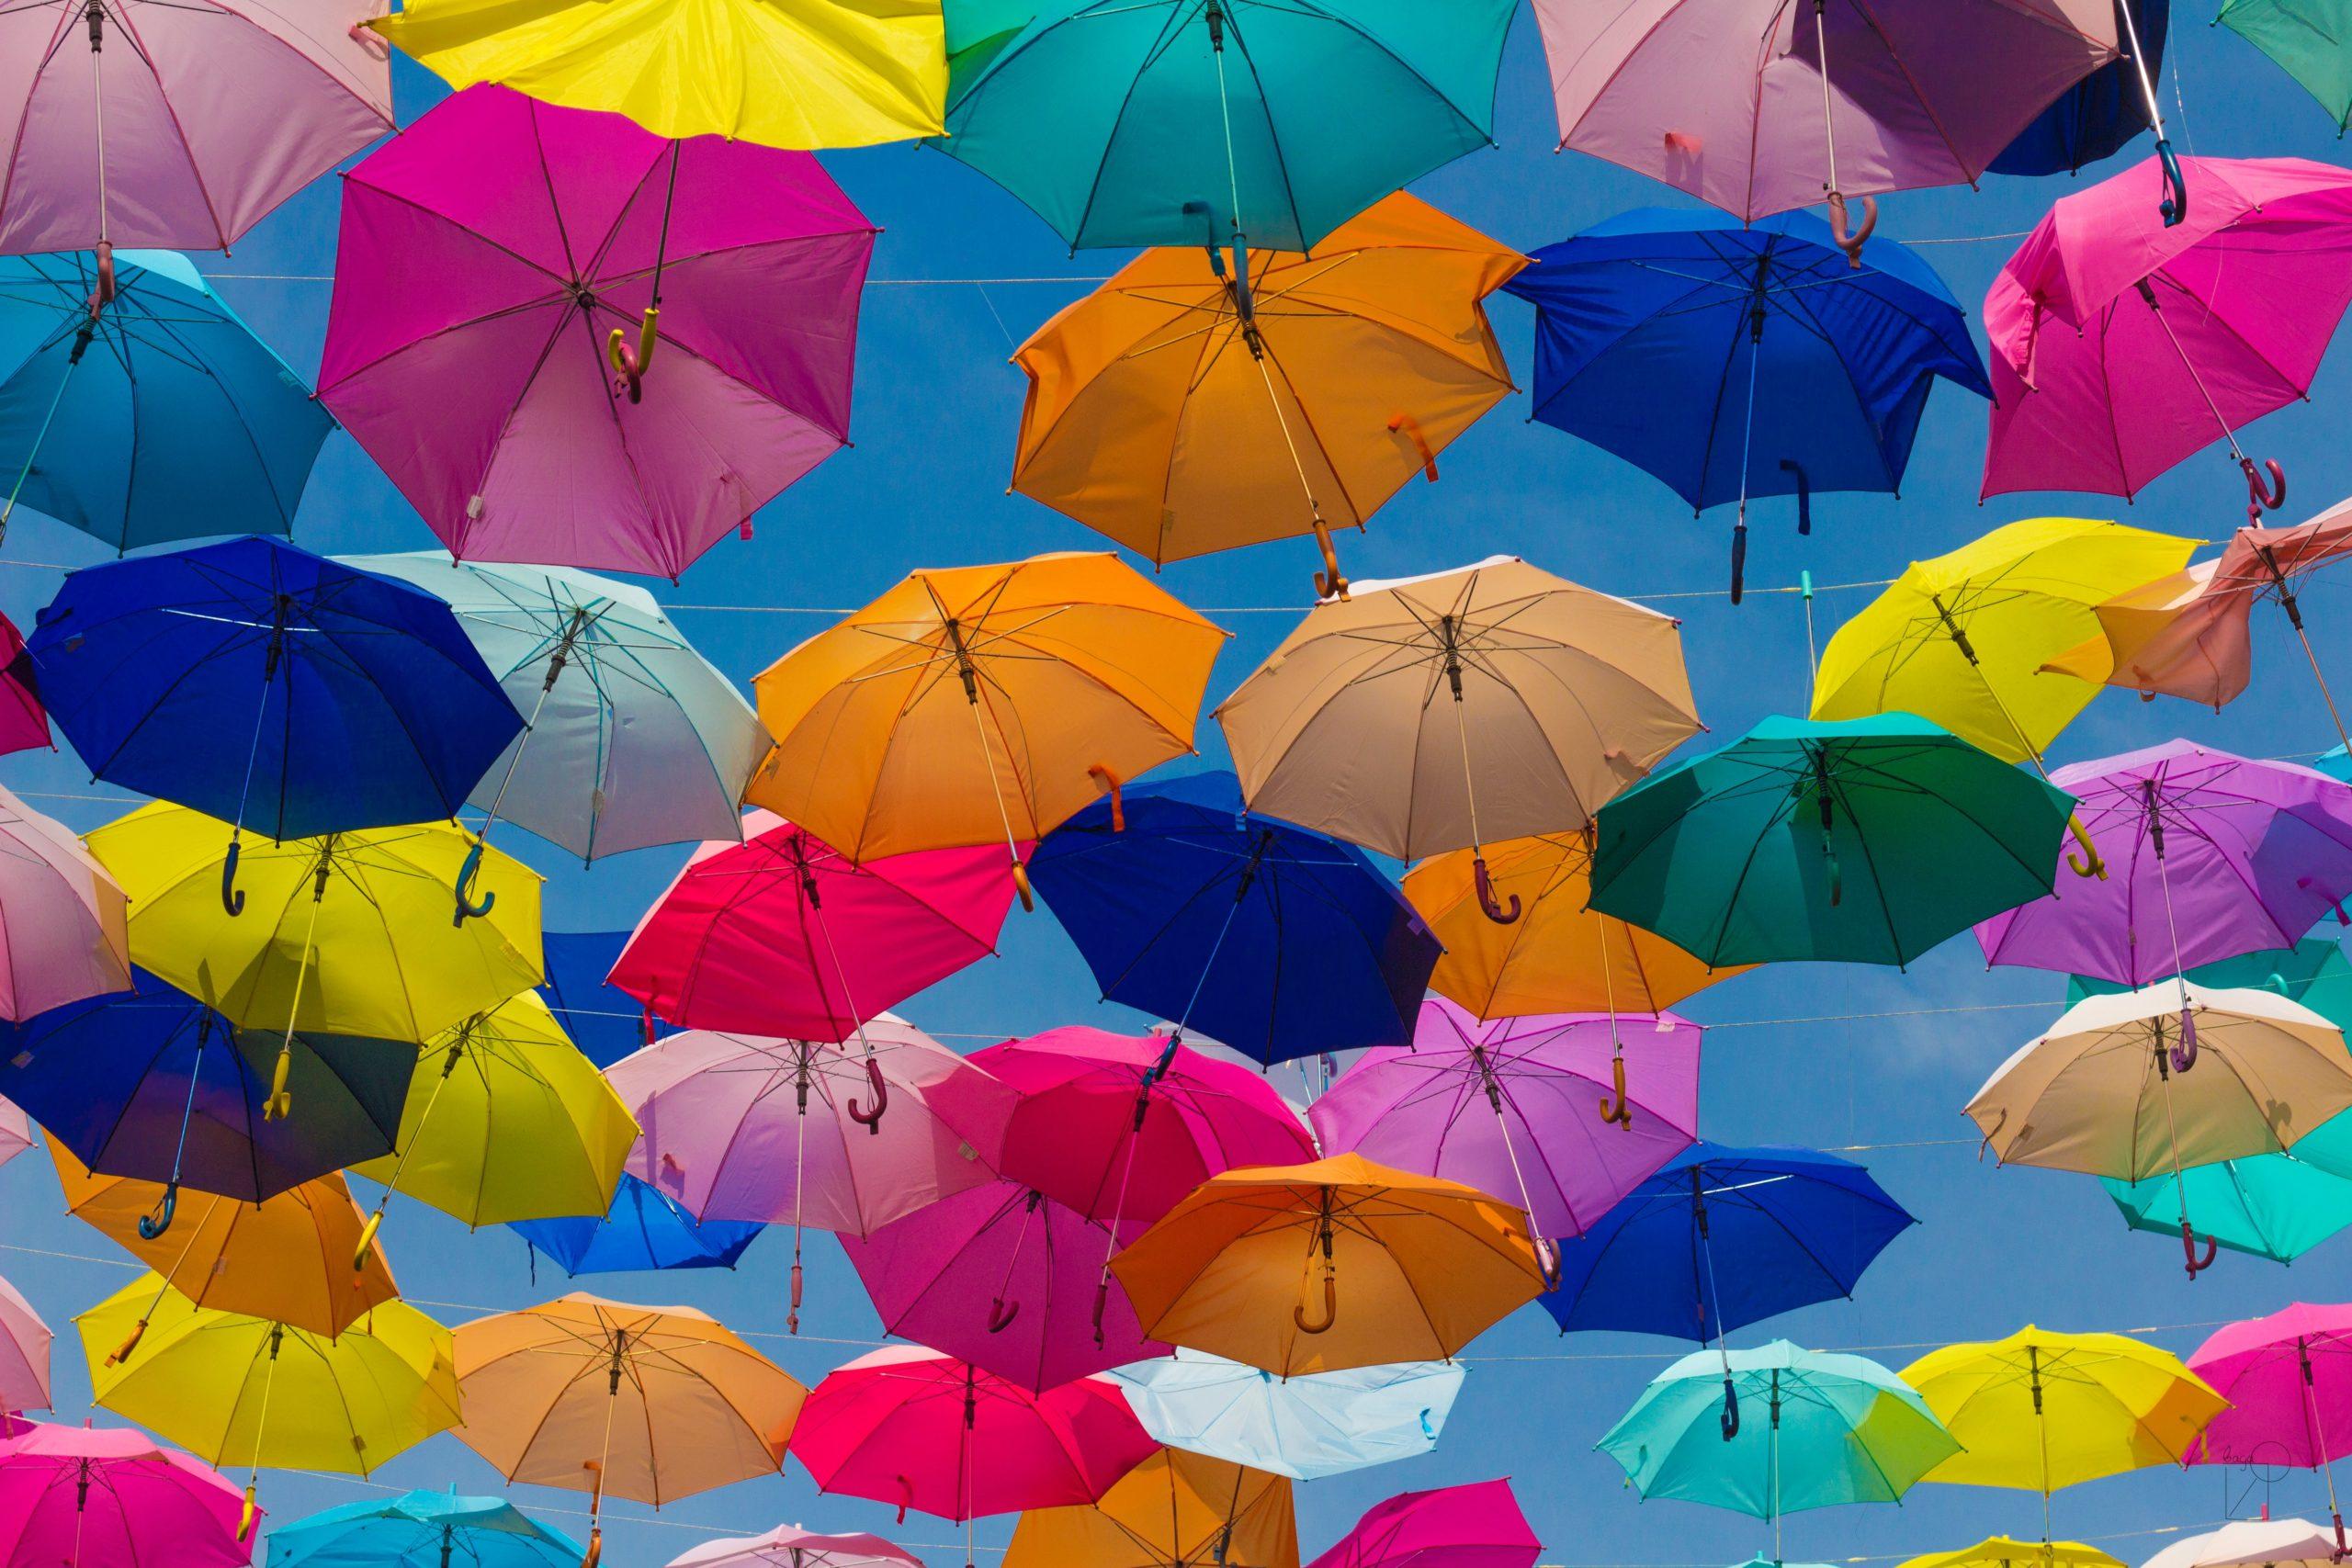 Des parapluies qui signifient la sécurité